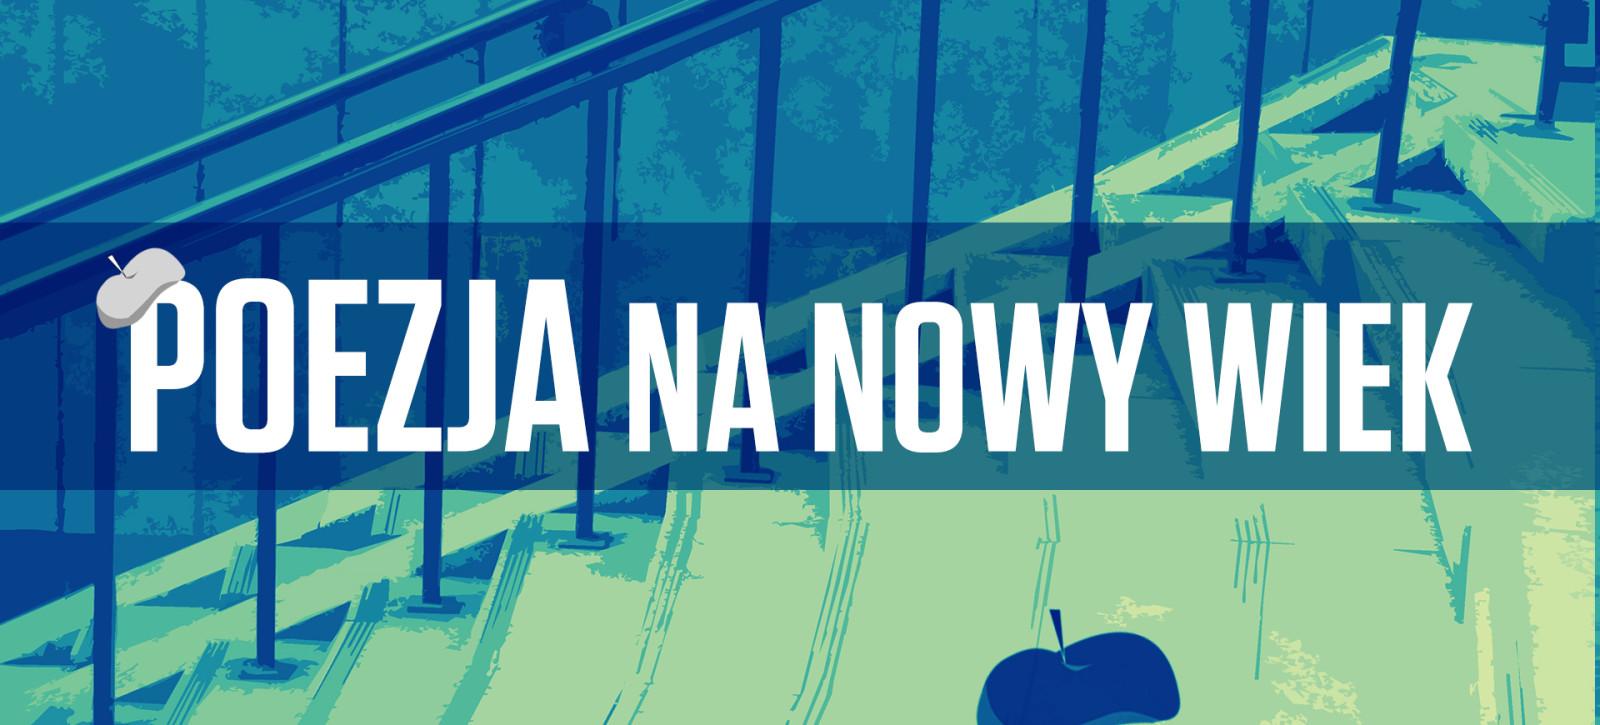 29_Poezja_na_nowy_wiek_grafika_debaty